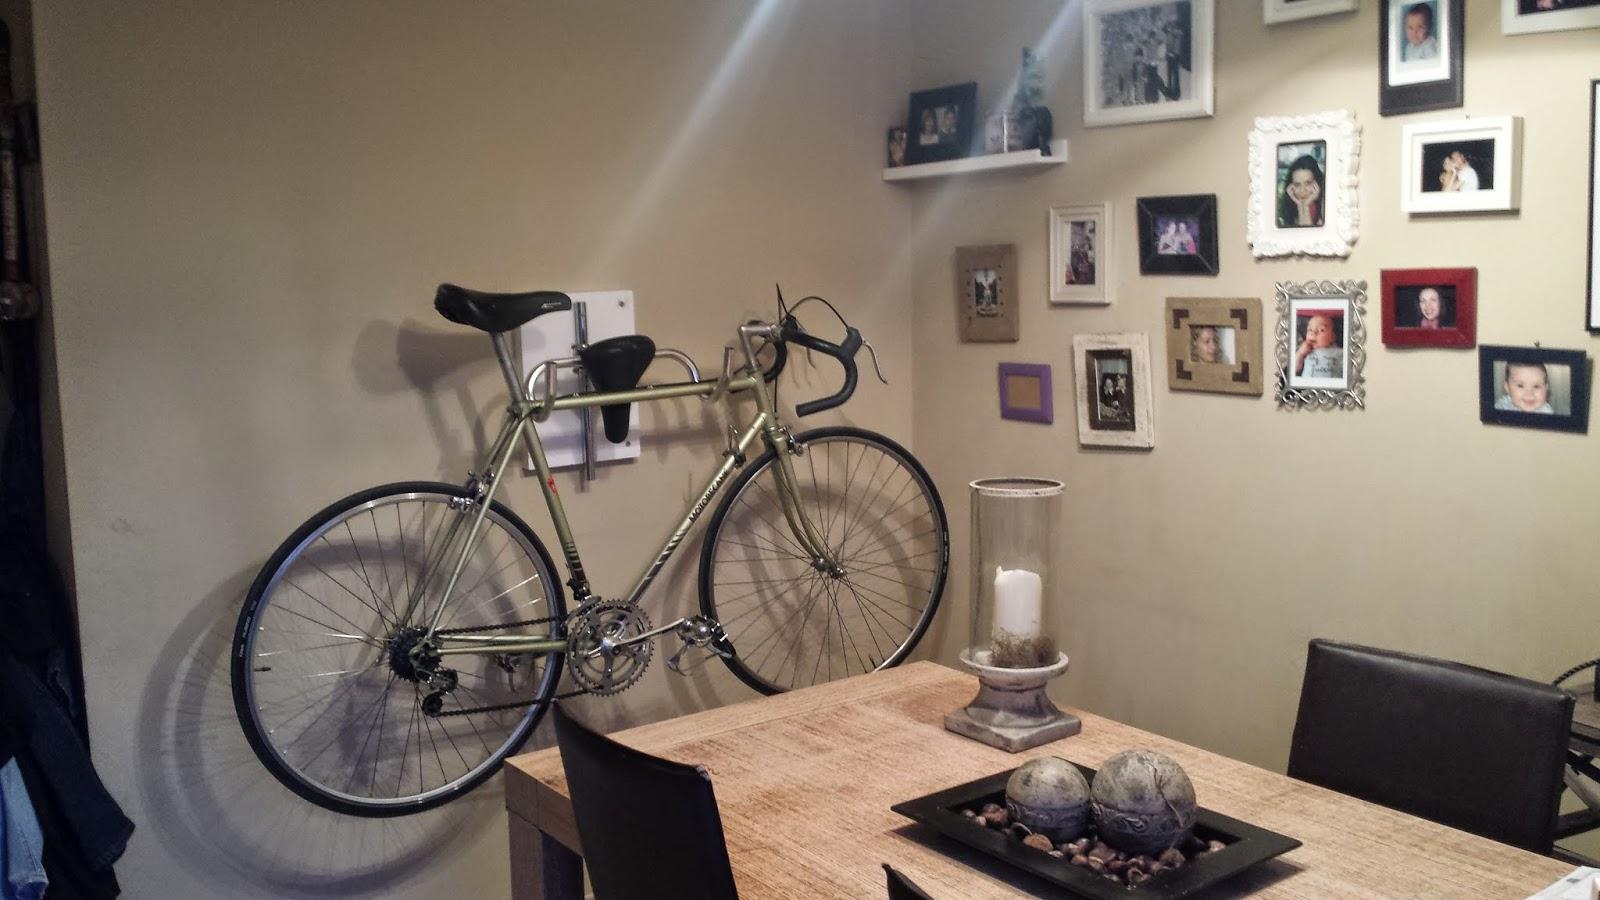 Belleza en bici abril 2014 - Como guardar bicis en un piso ...